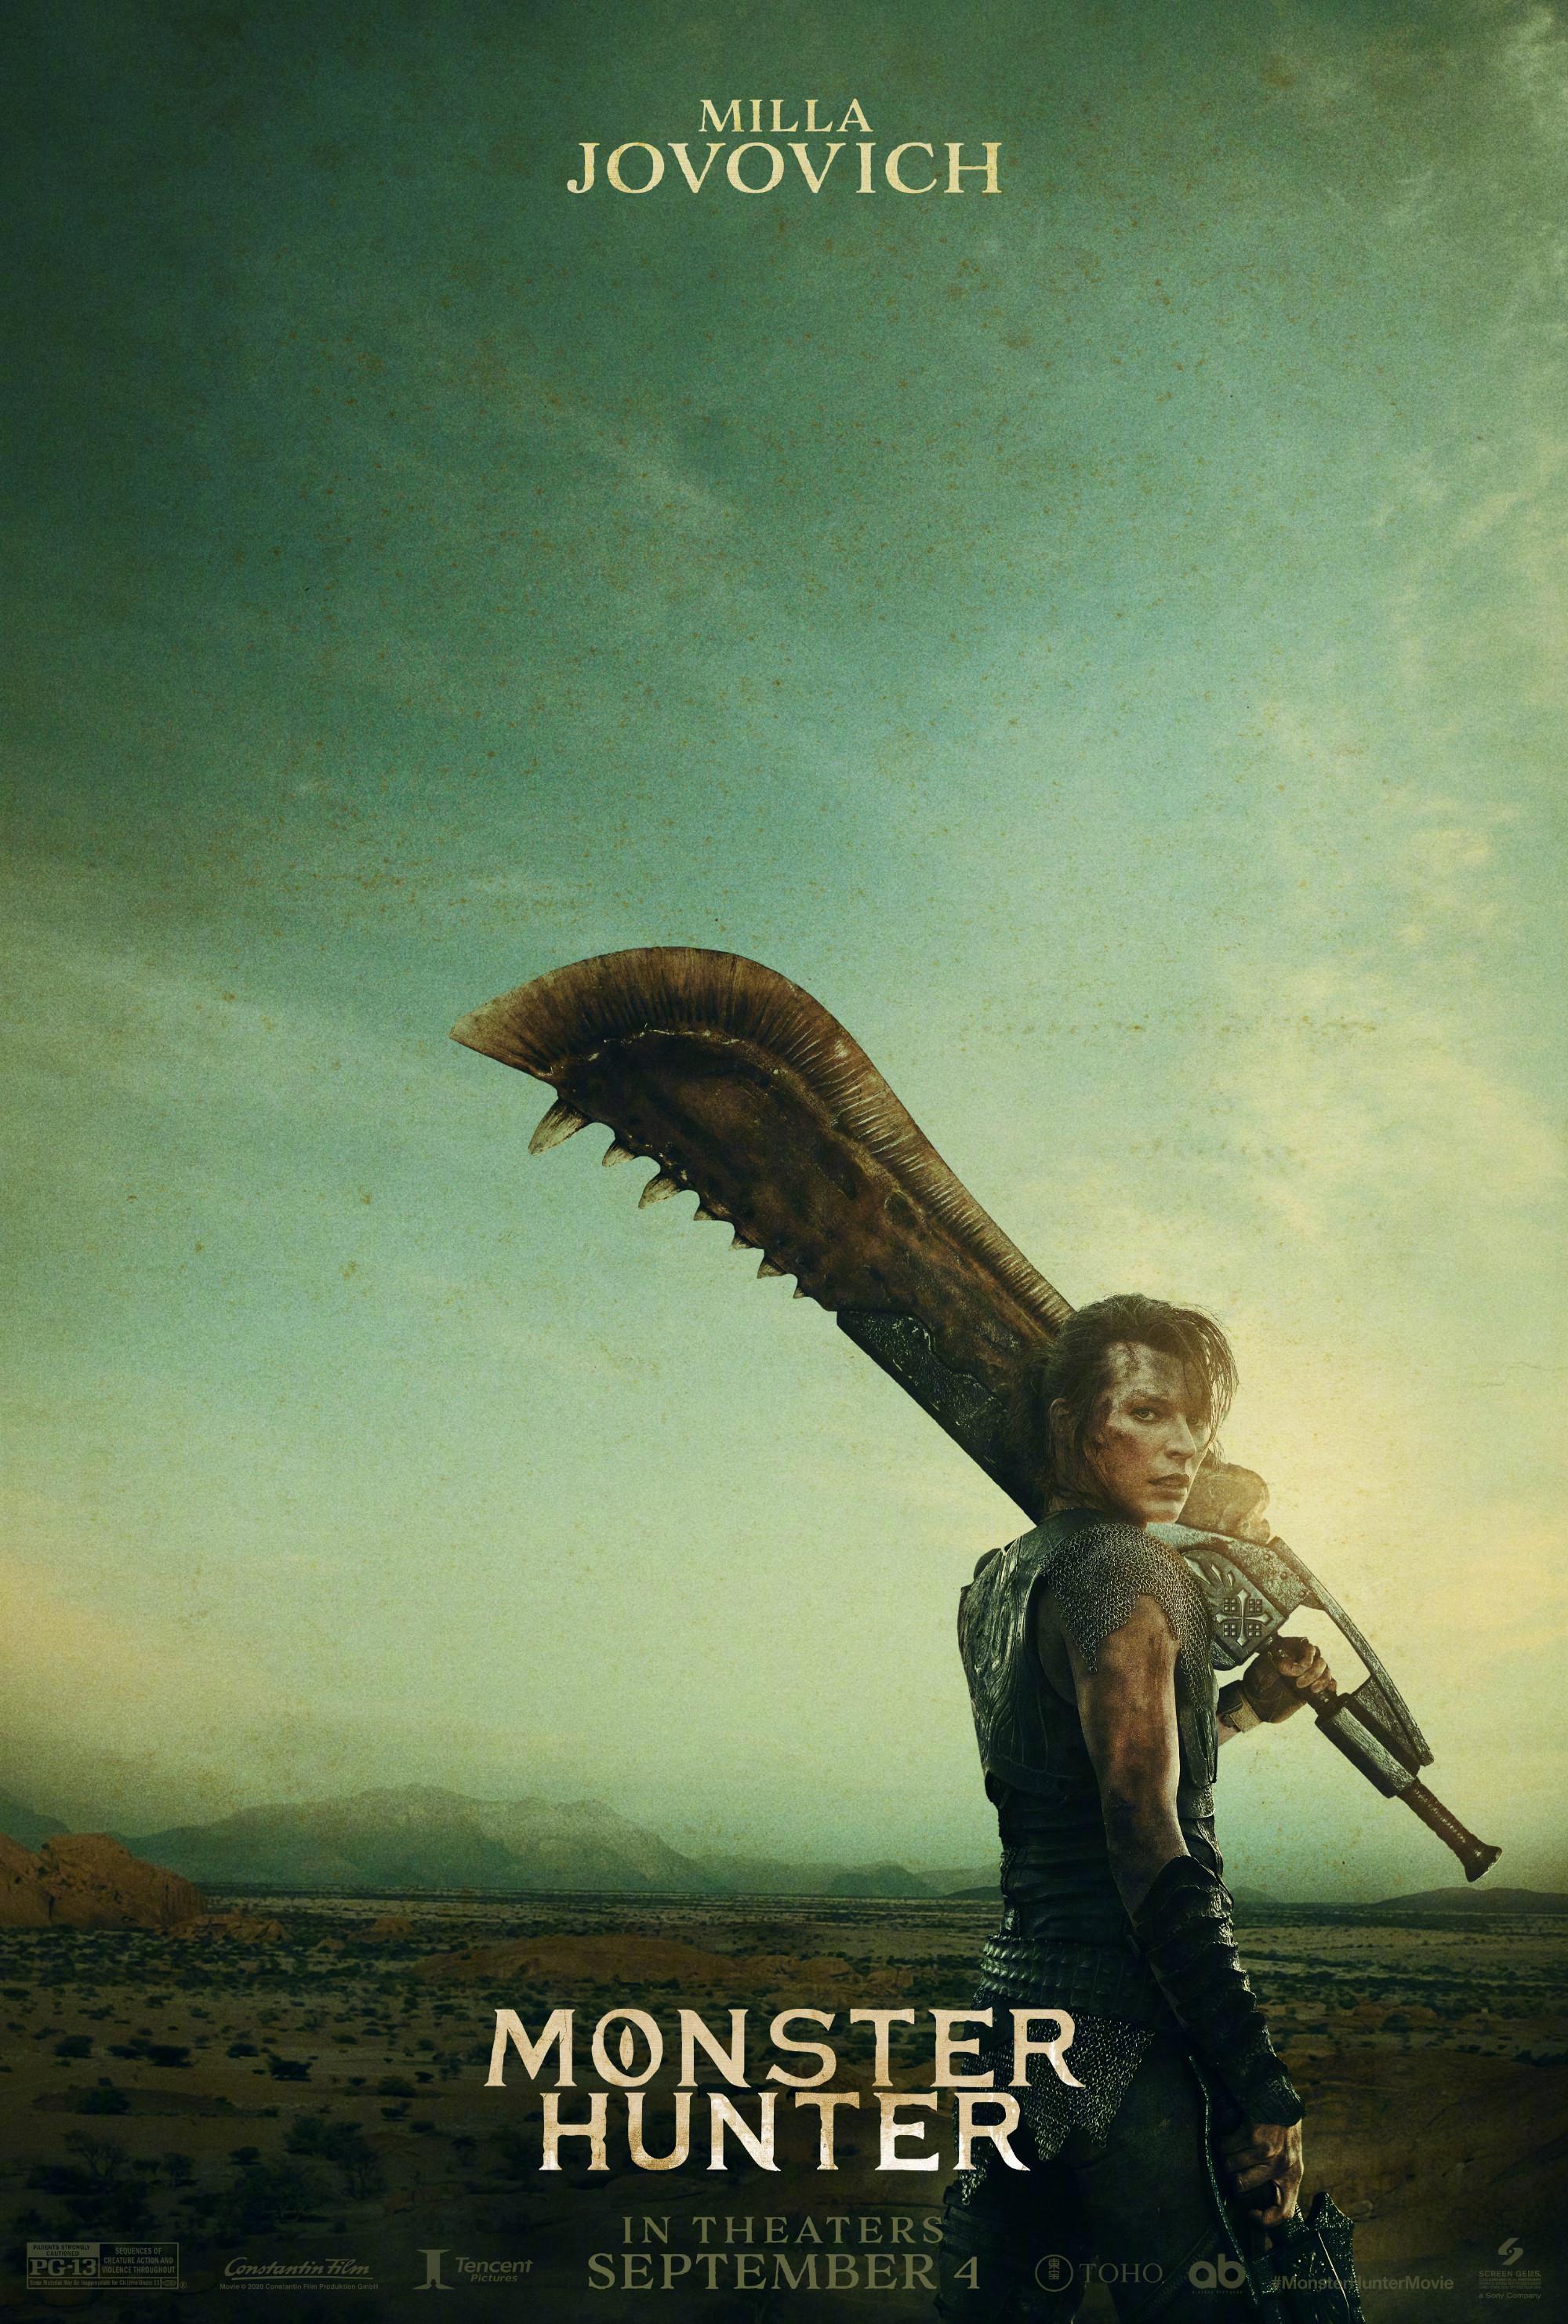 《怪物猎人》首曝海报,米拉·乔沃维奇与托尼·贾共进退图片